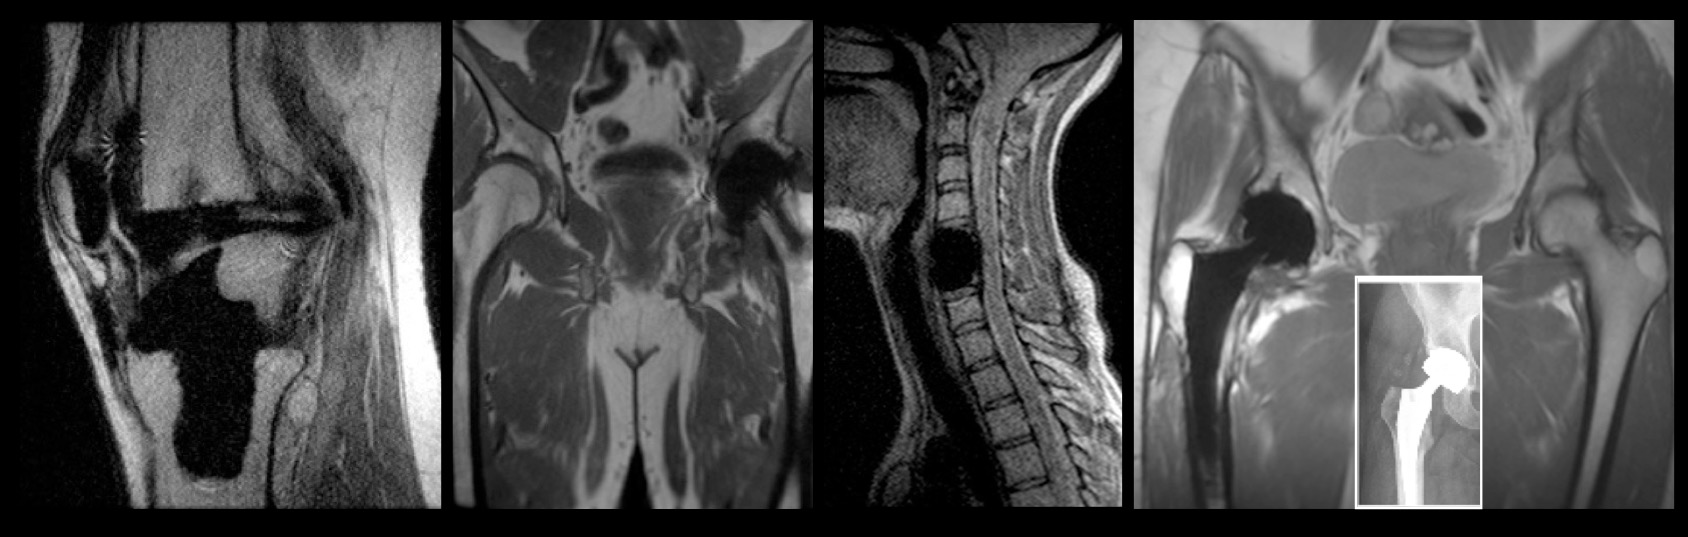 MRI Services - Oxford